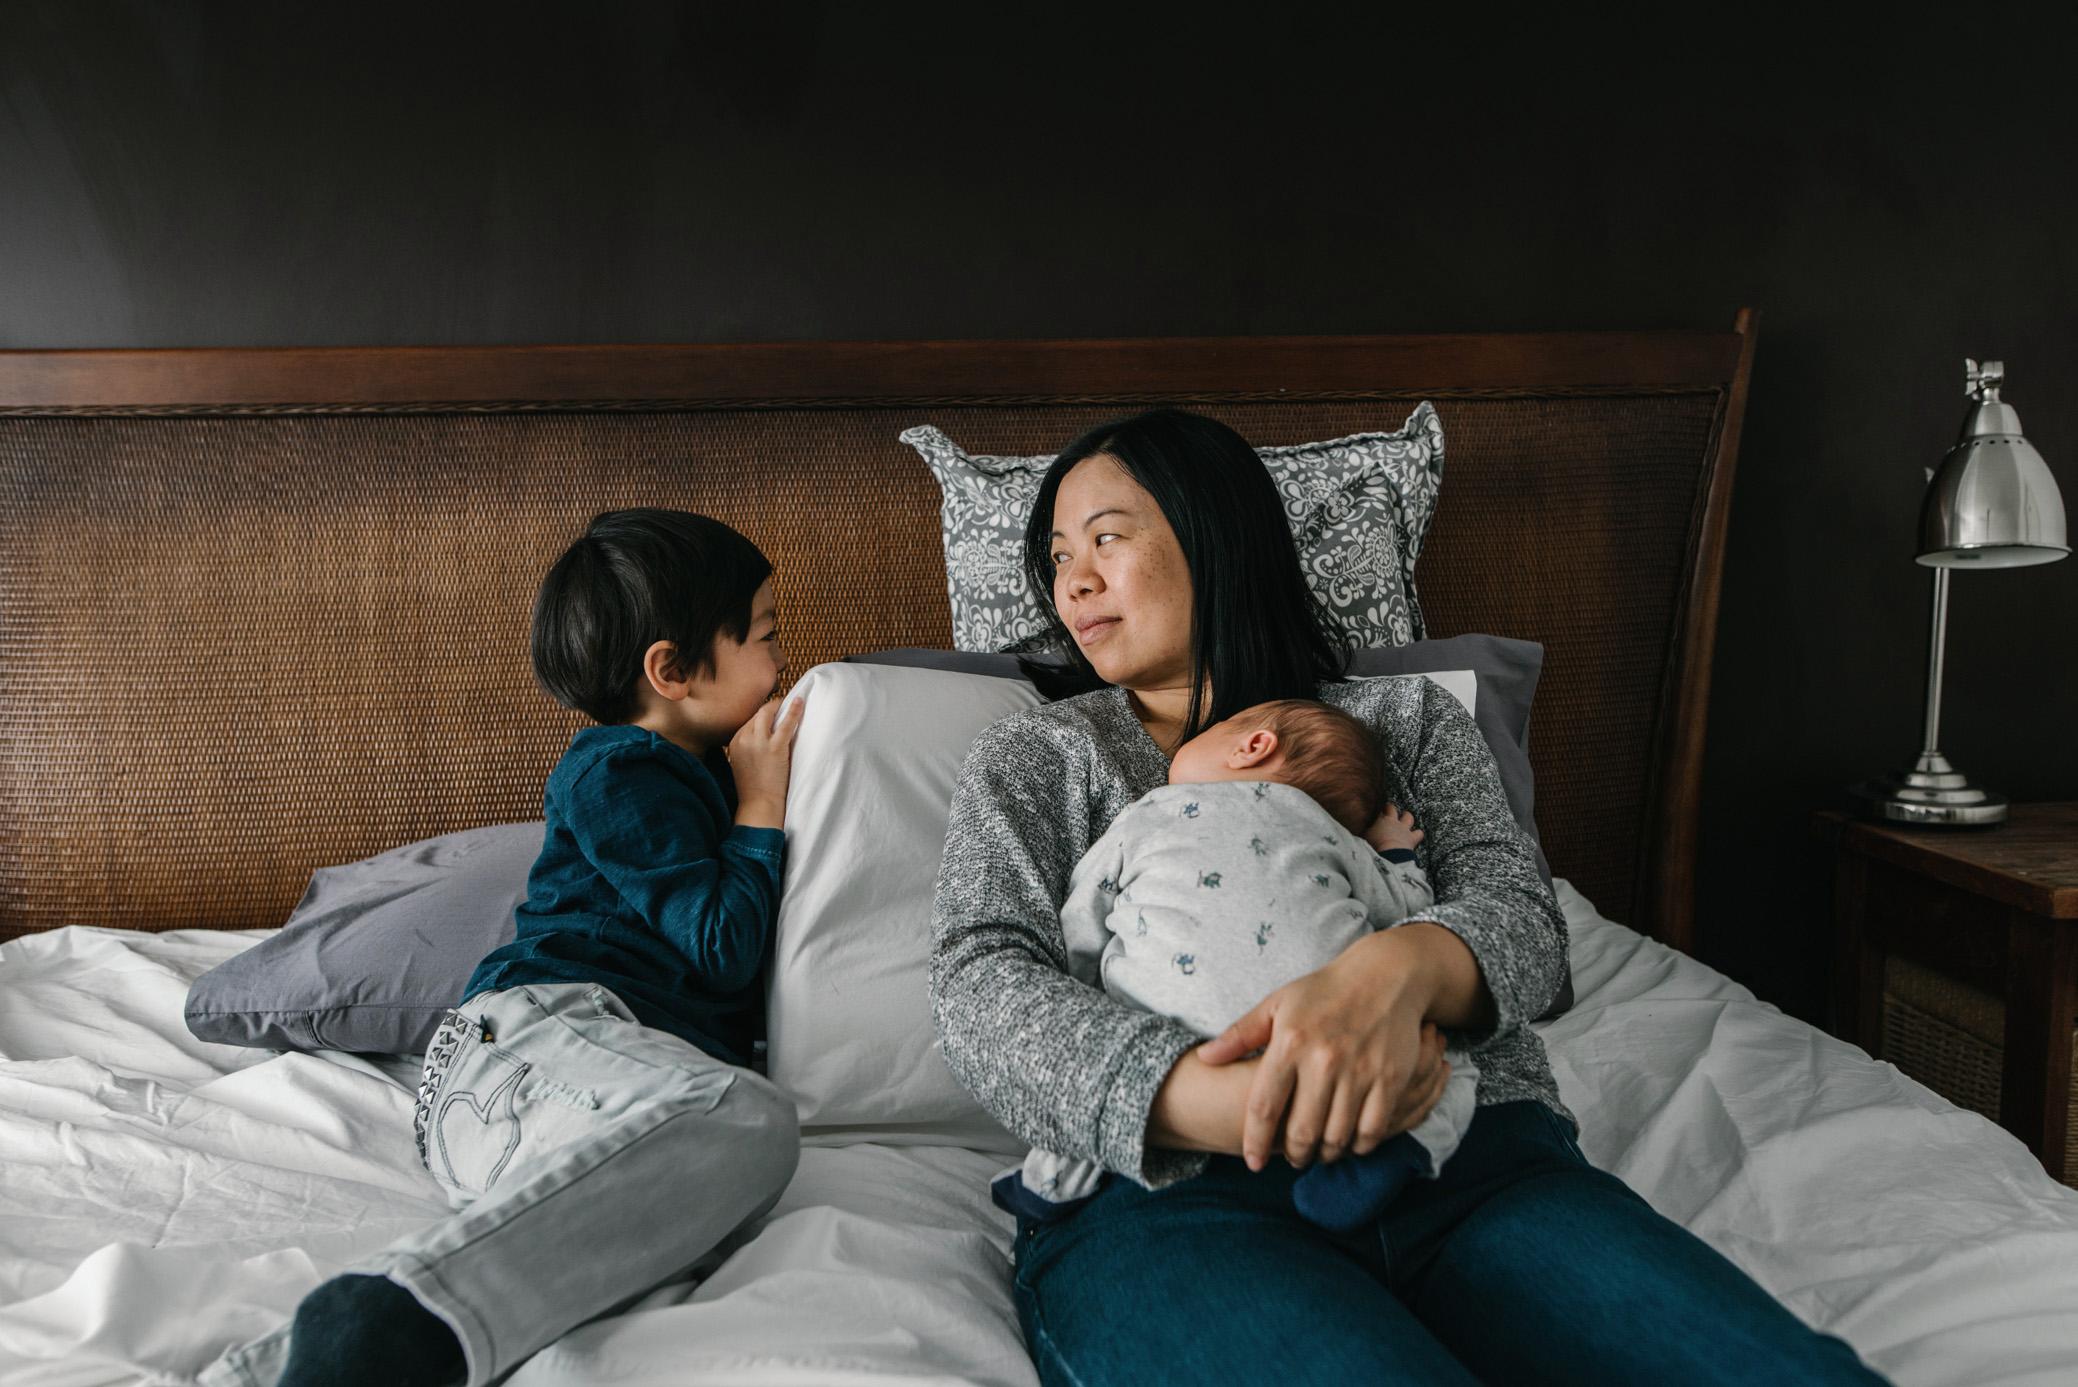 cindycavanagh-maternity-photos-in-sydney (5 of 39).JPG